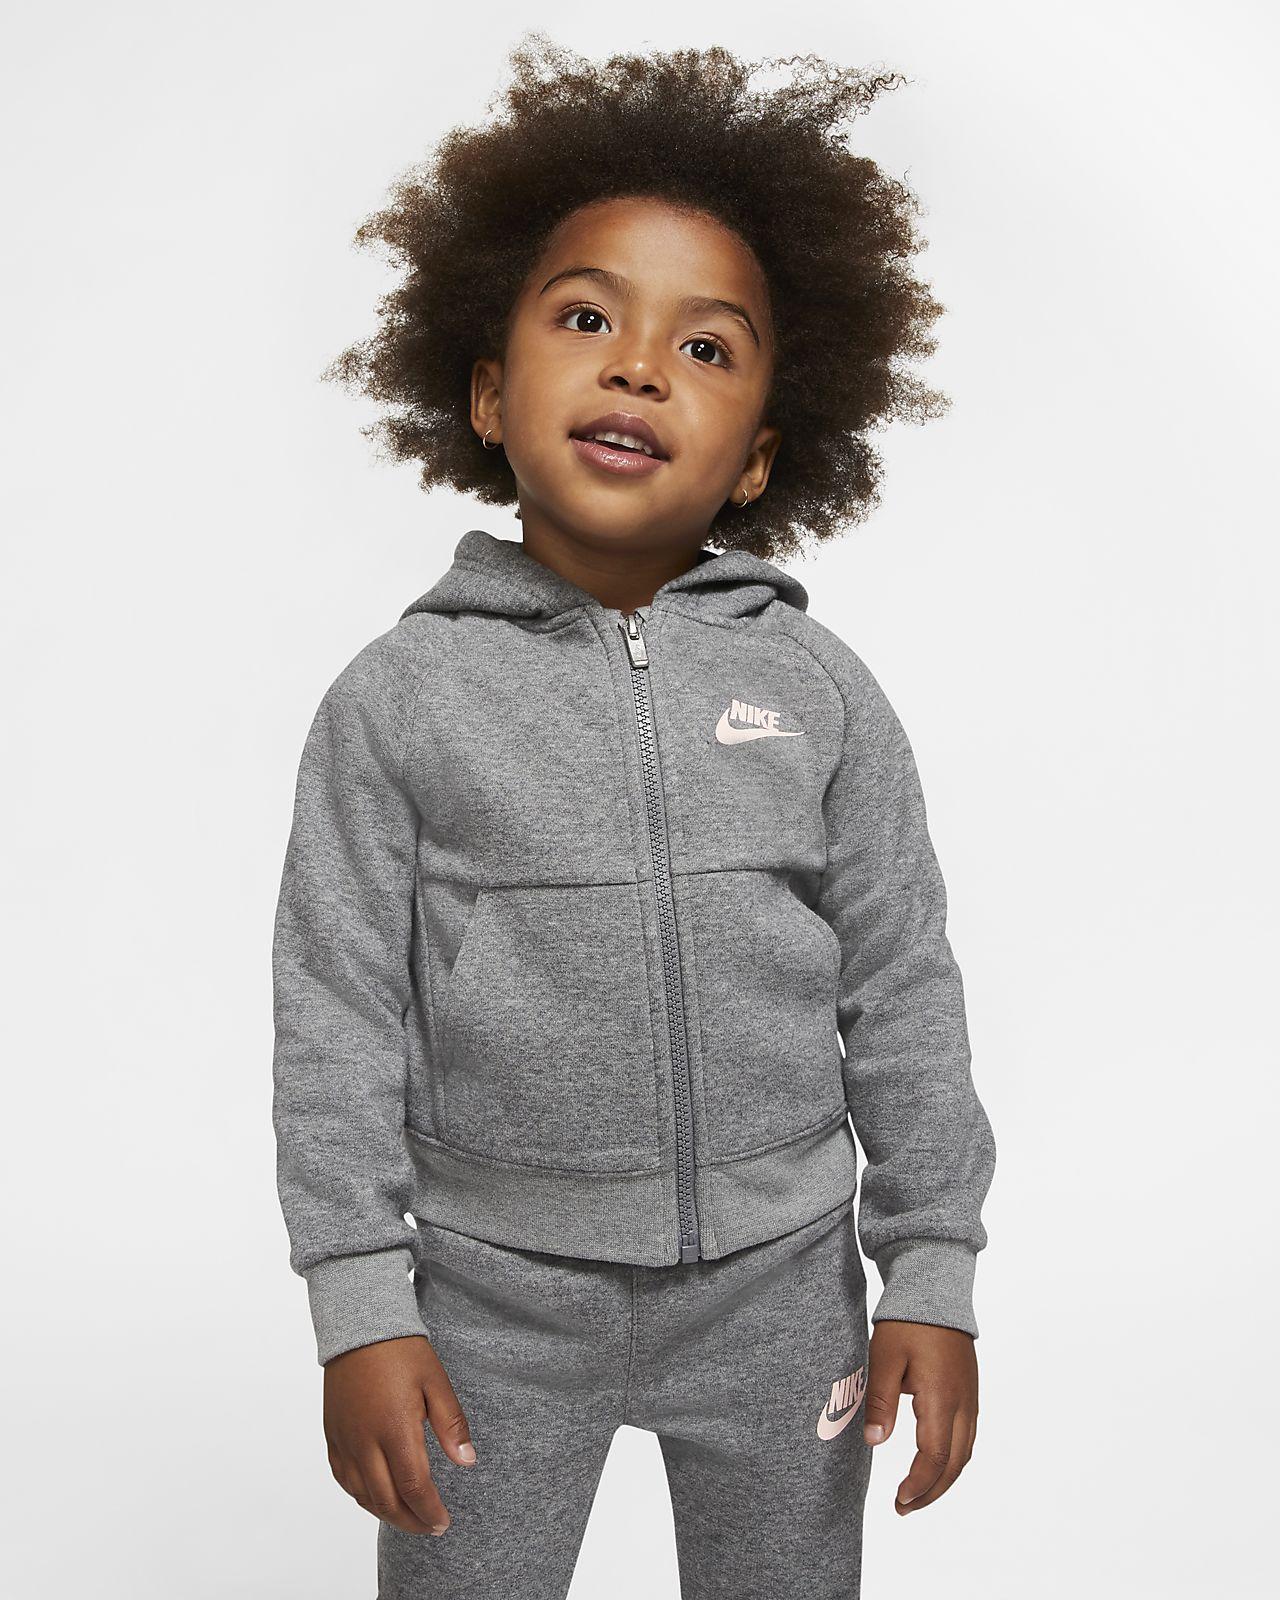 Tvådelat set med huvtröja och joggingbyxor Nike för små barn